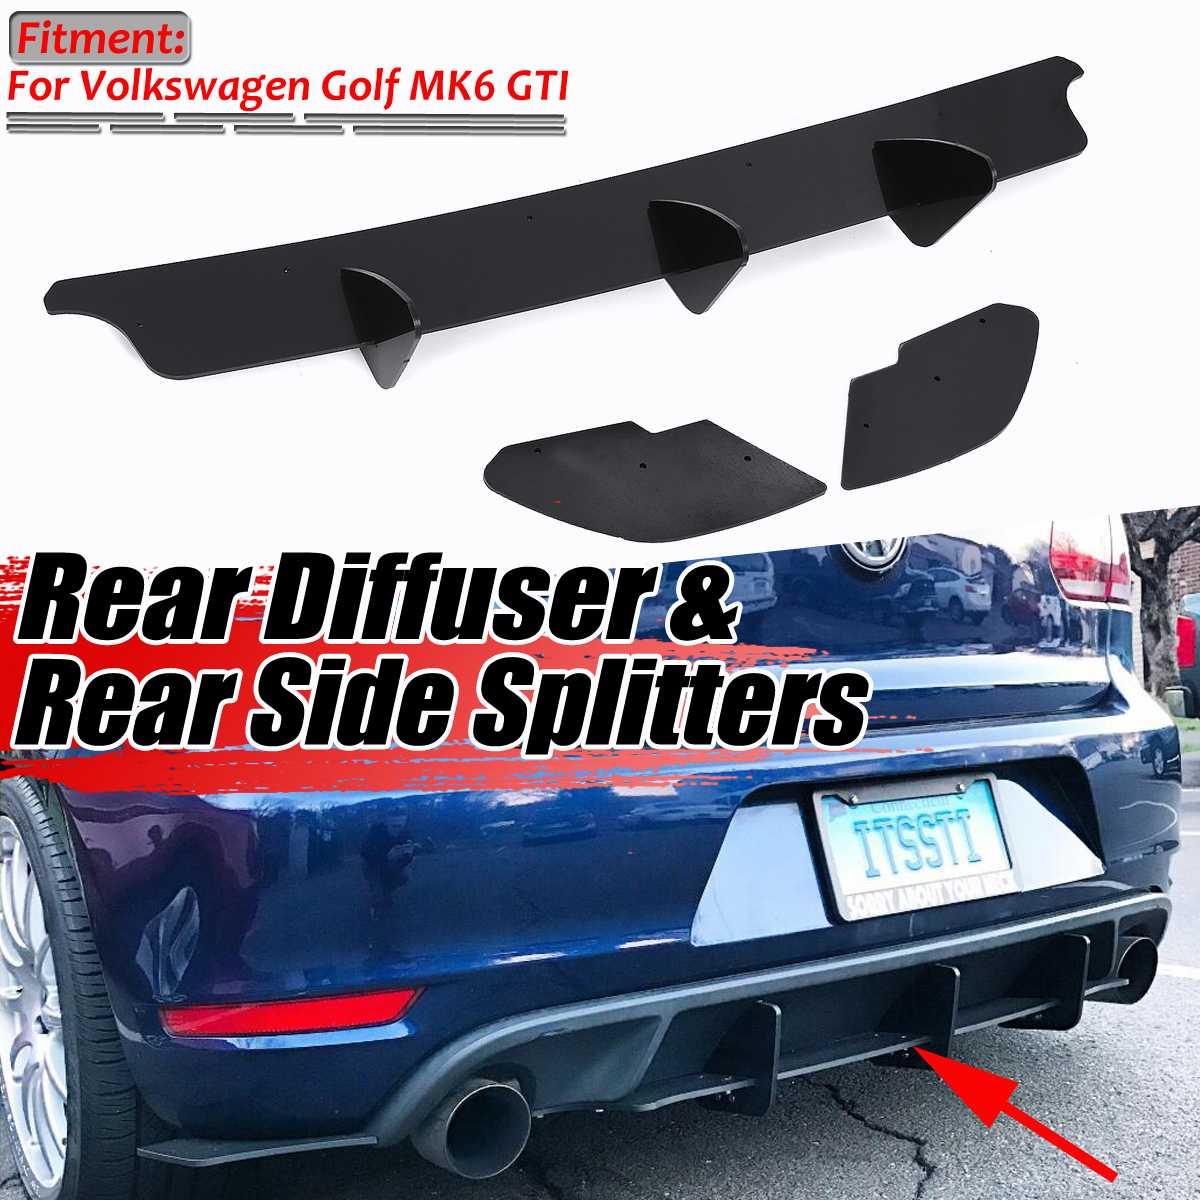 Voor GTI Auto Achterbumper Diffuser & Rear Side Splitters Spoiler Guard Voor VW Voor Volkswagen Voor Golf MK6 GTI /MK7 GTI/MK7.5 GTI